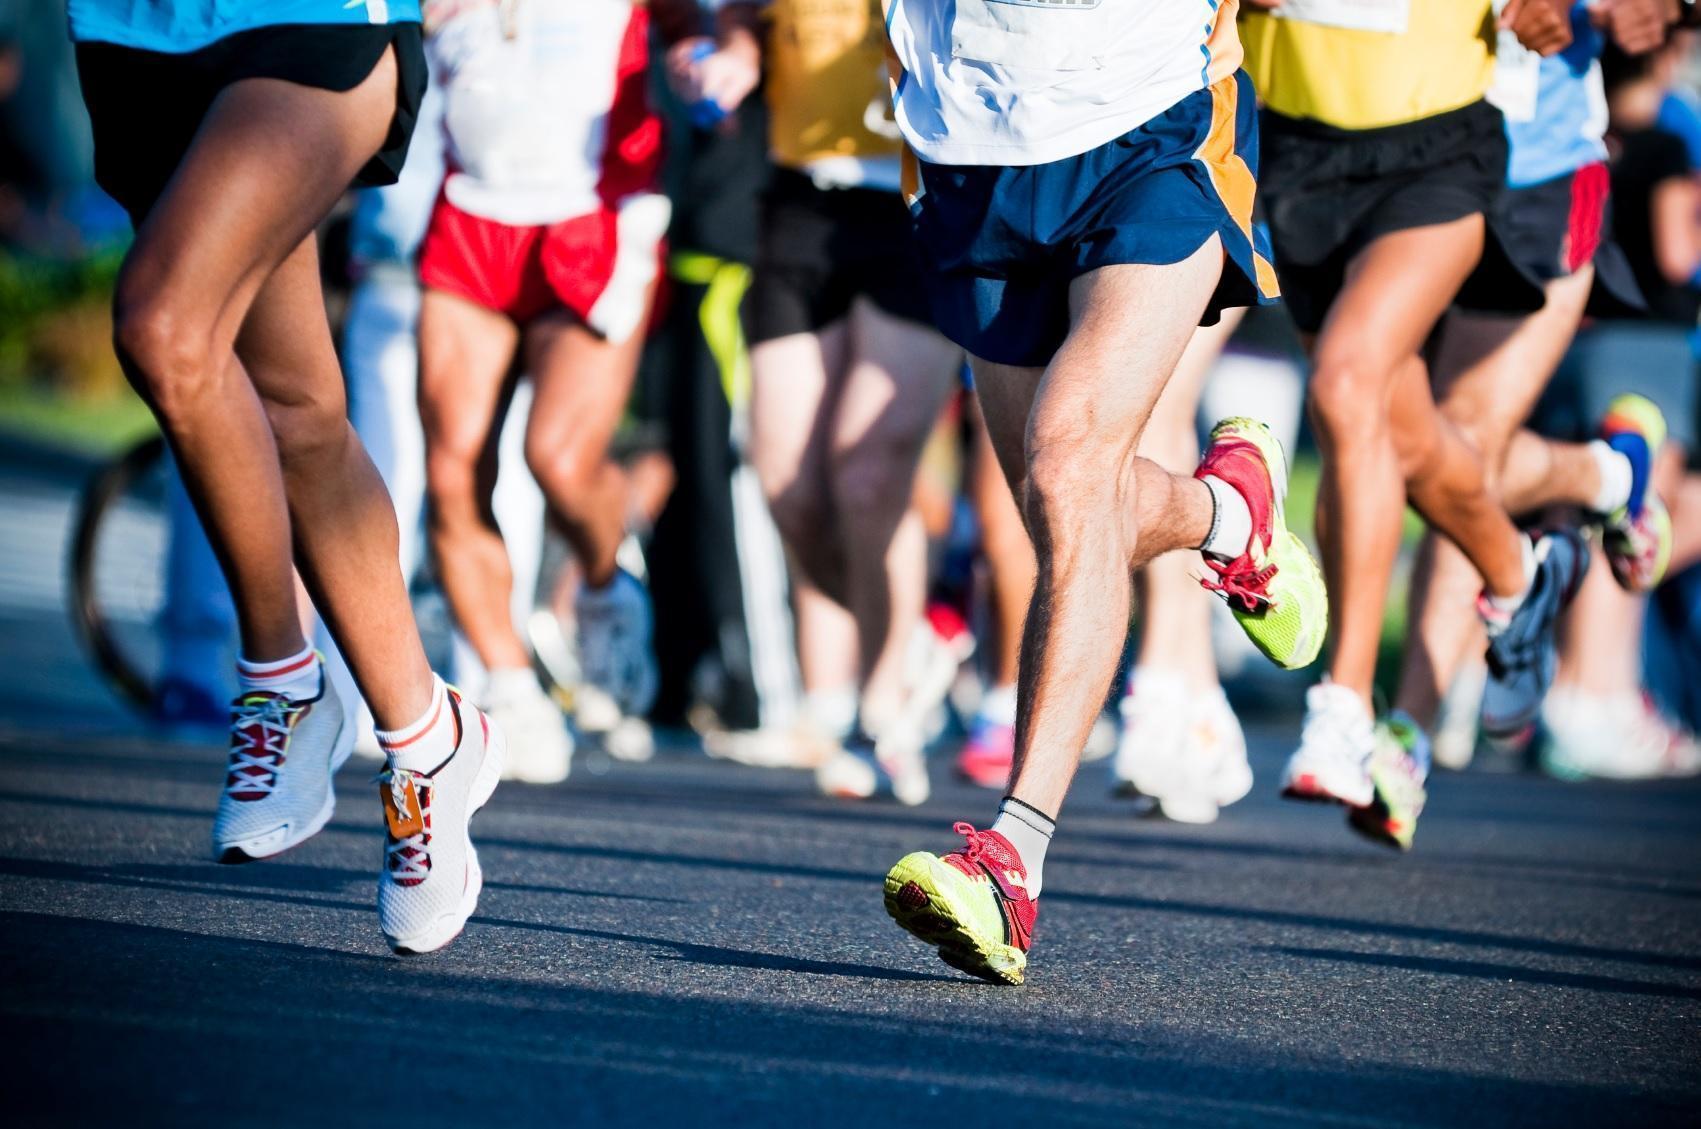 Viver Mais e Melhor – Benefícios do Exercício Físico: Correr nos Ajuda a Viver Mais e Melhor